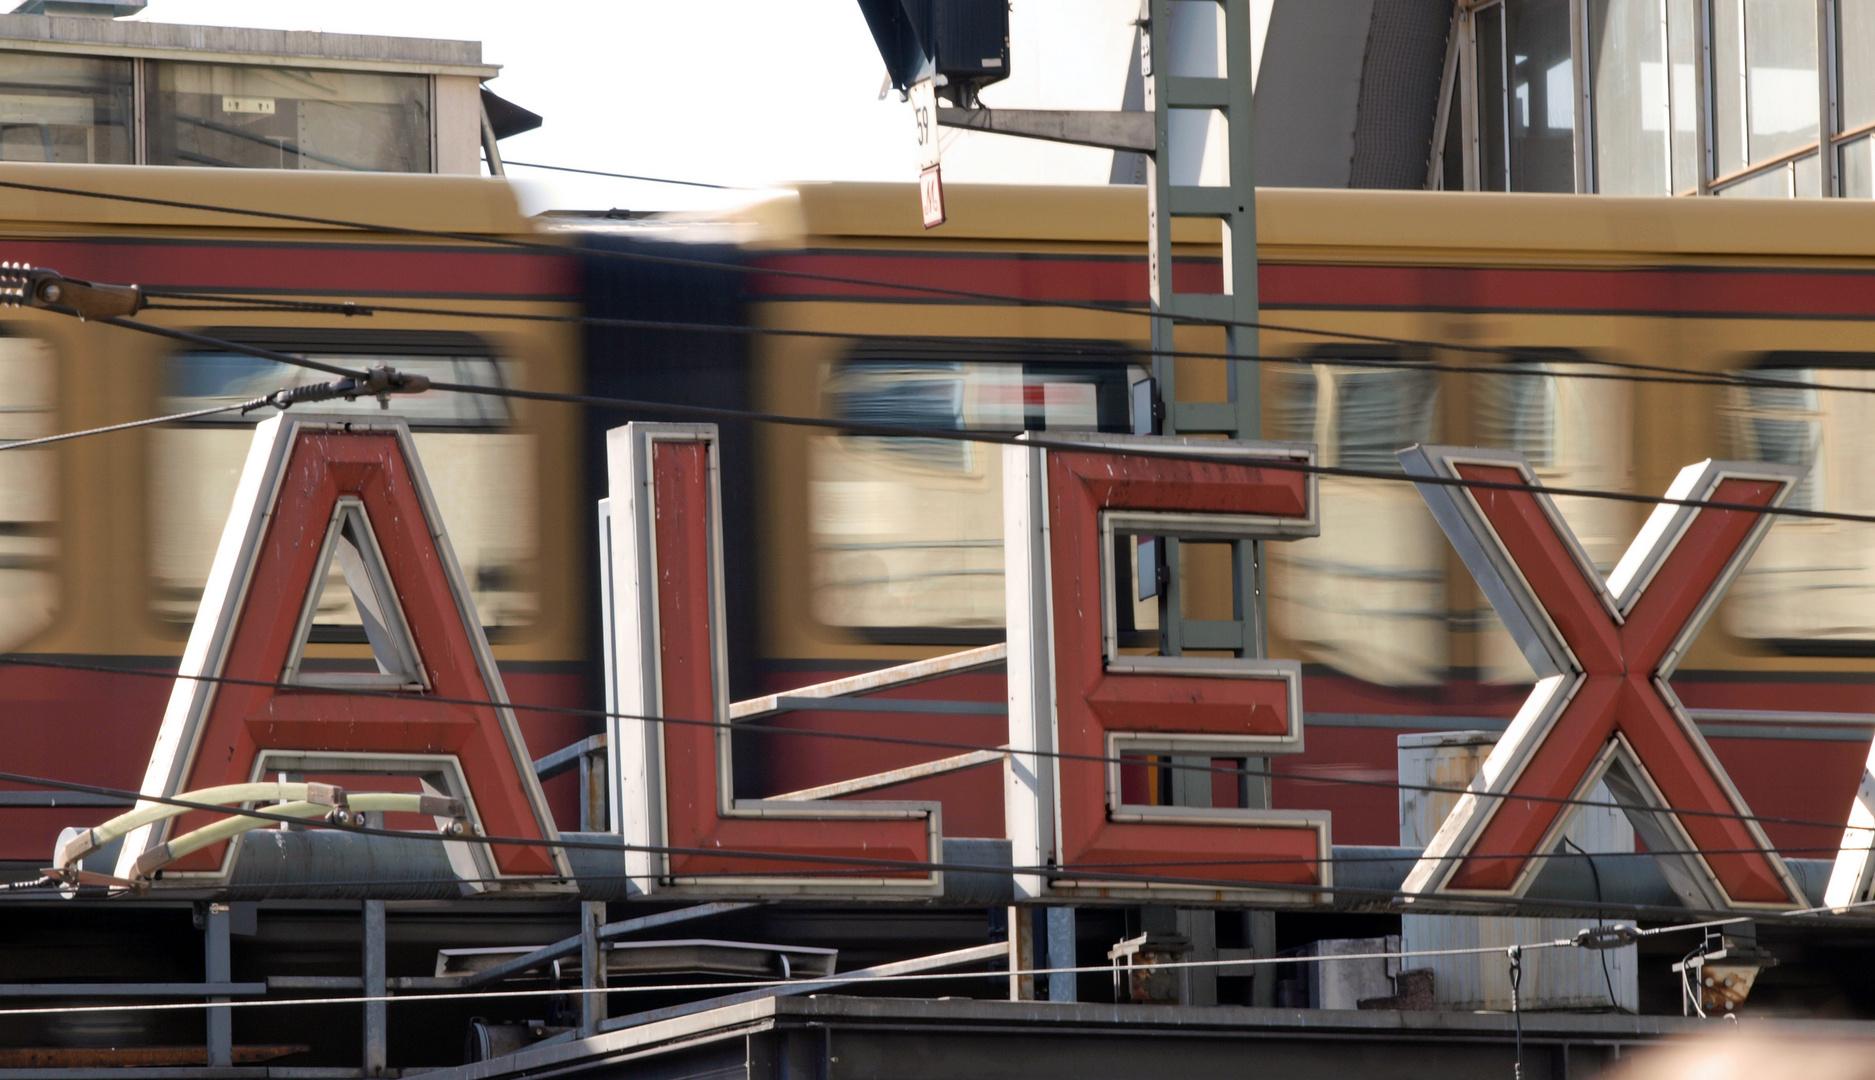 Bahnhof Alexanderplatz